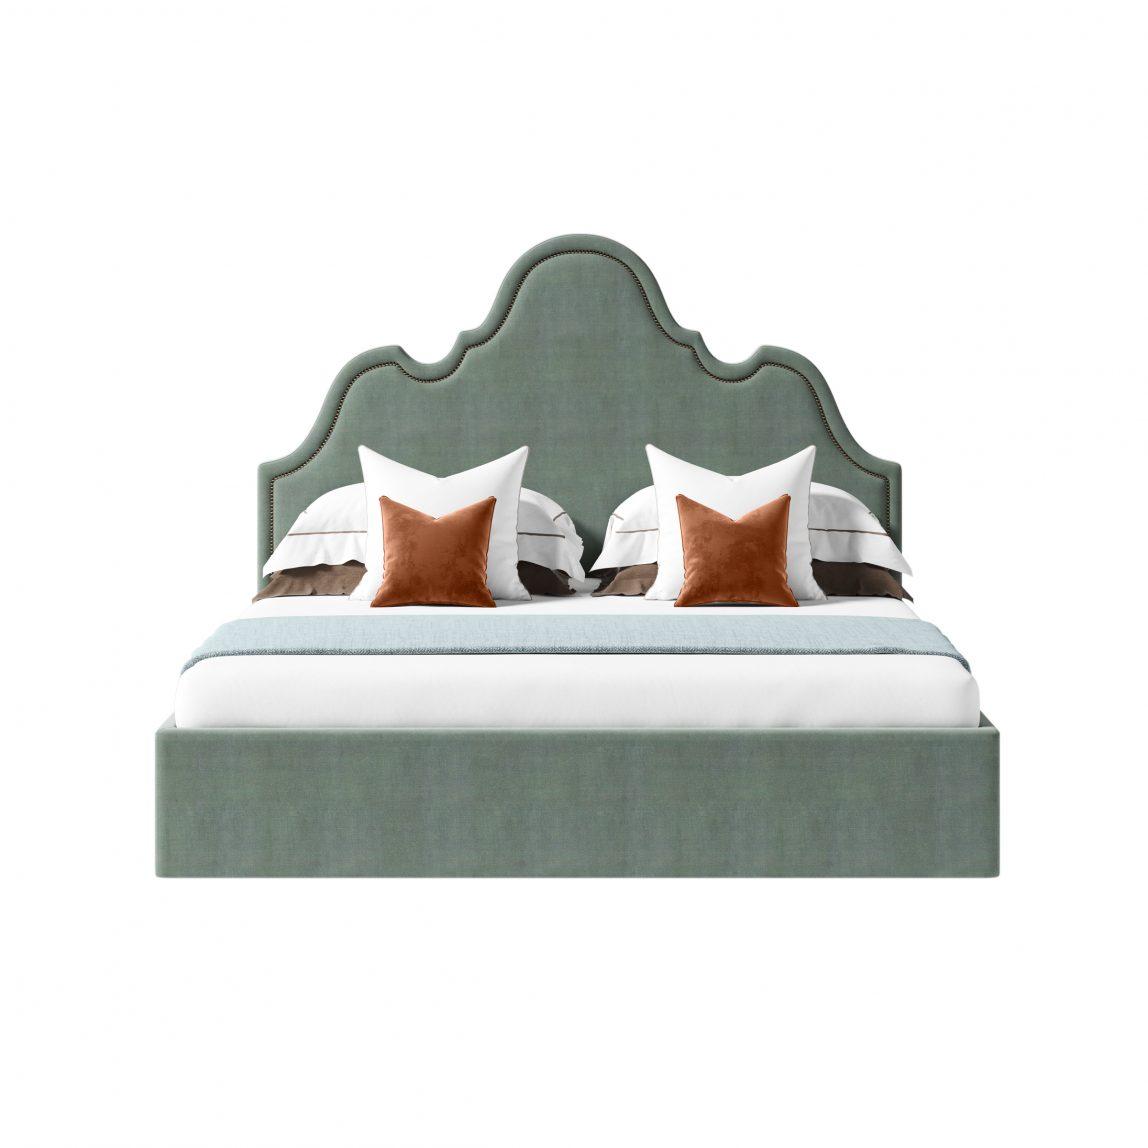 Кровать со сложным фигурным изголовьем Себастьян